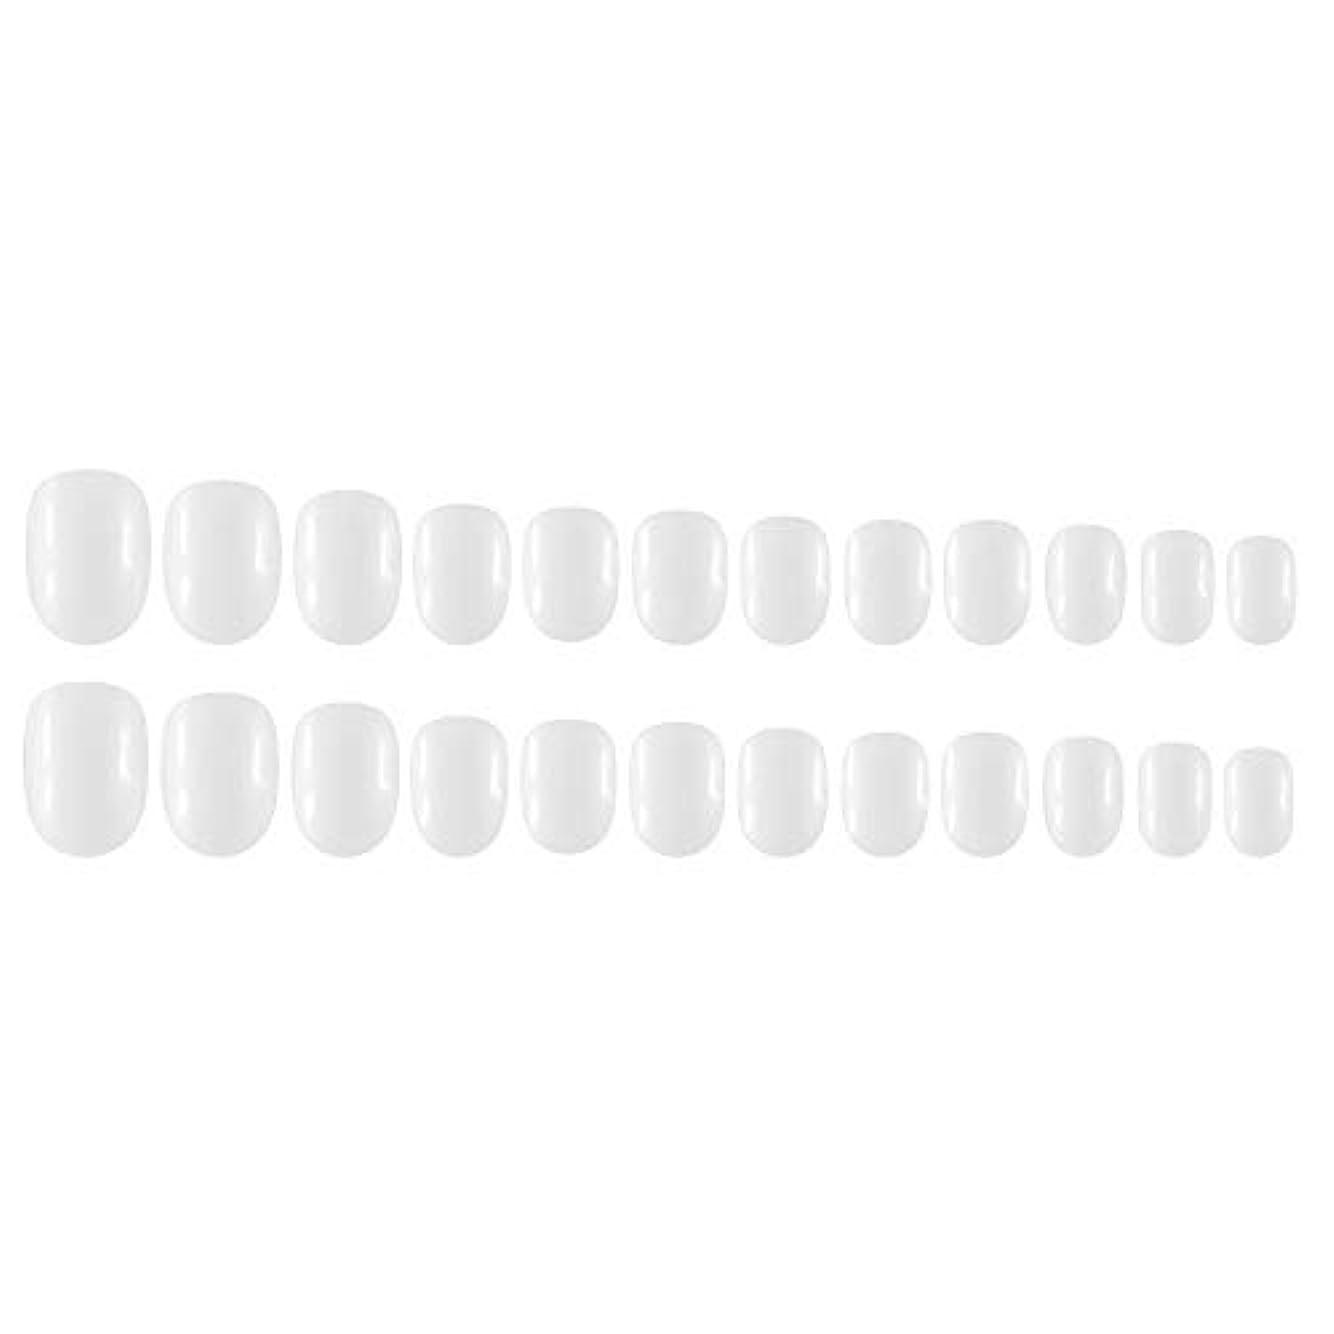 仕える覗くオーラルDecdeal Decdeal ネイルチップ 24ピース 12異なるサイズ diy サロン ネイルアートツール 偽